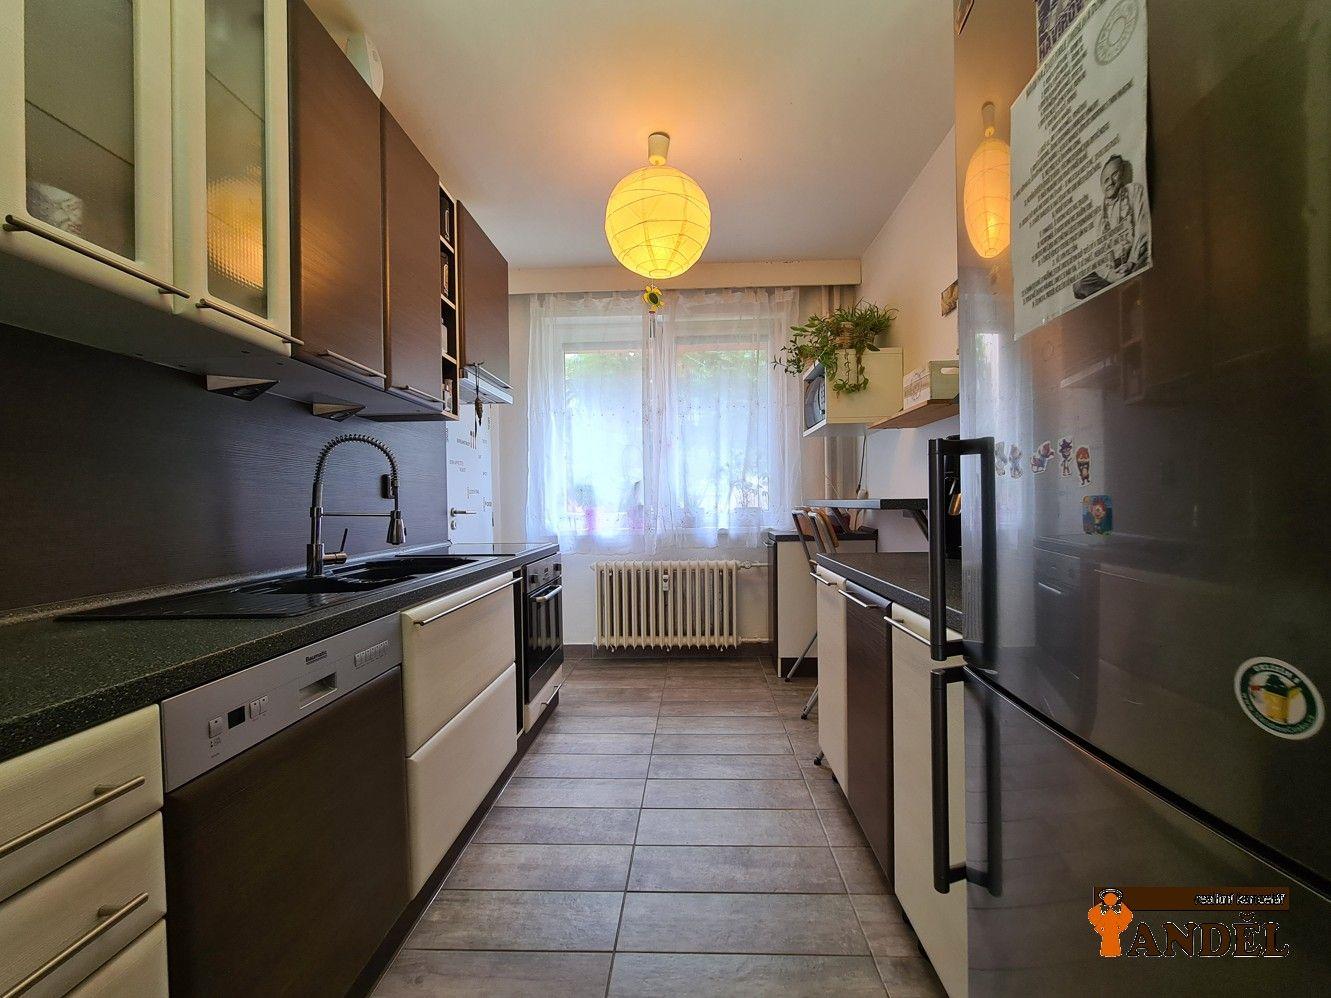 Prodej bytu 3+1 , 72 m, os.vl., Havířov Podlesí